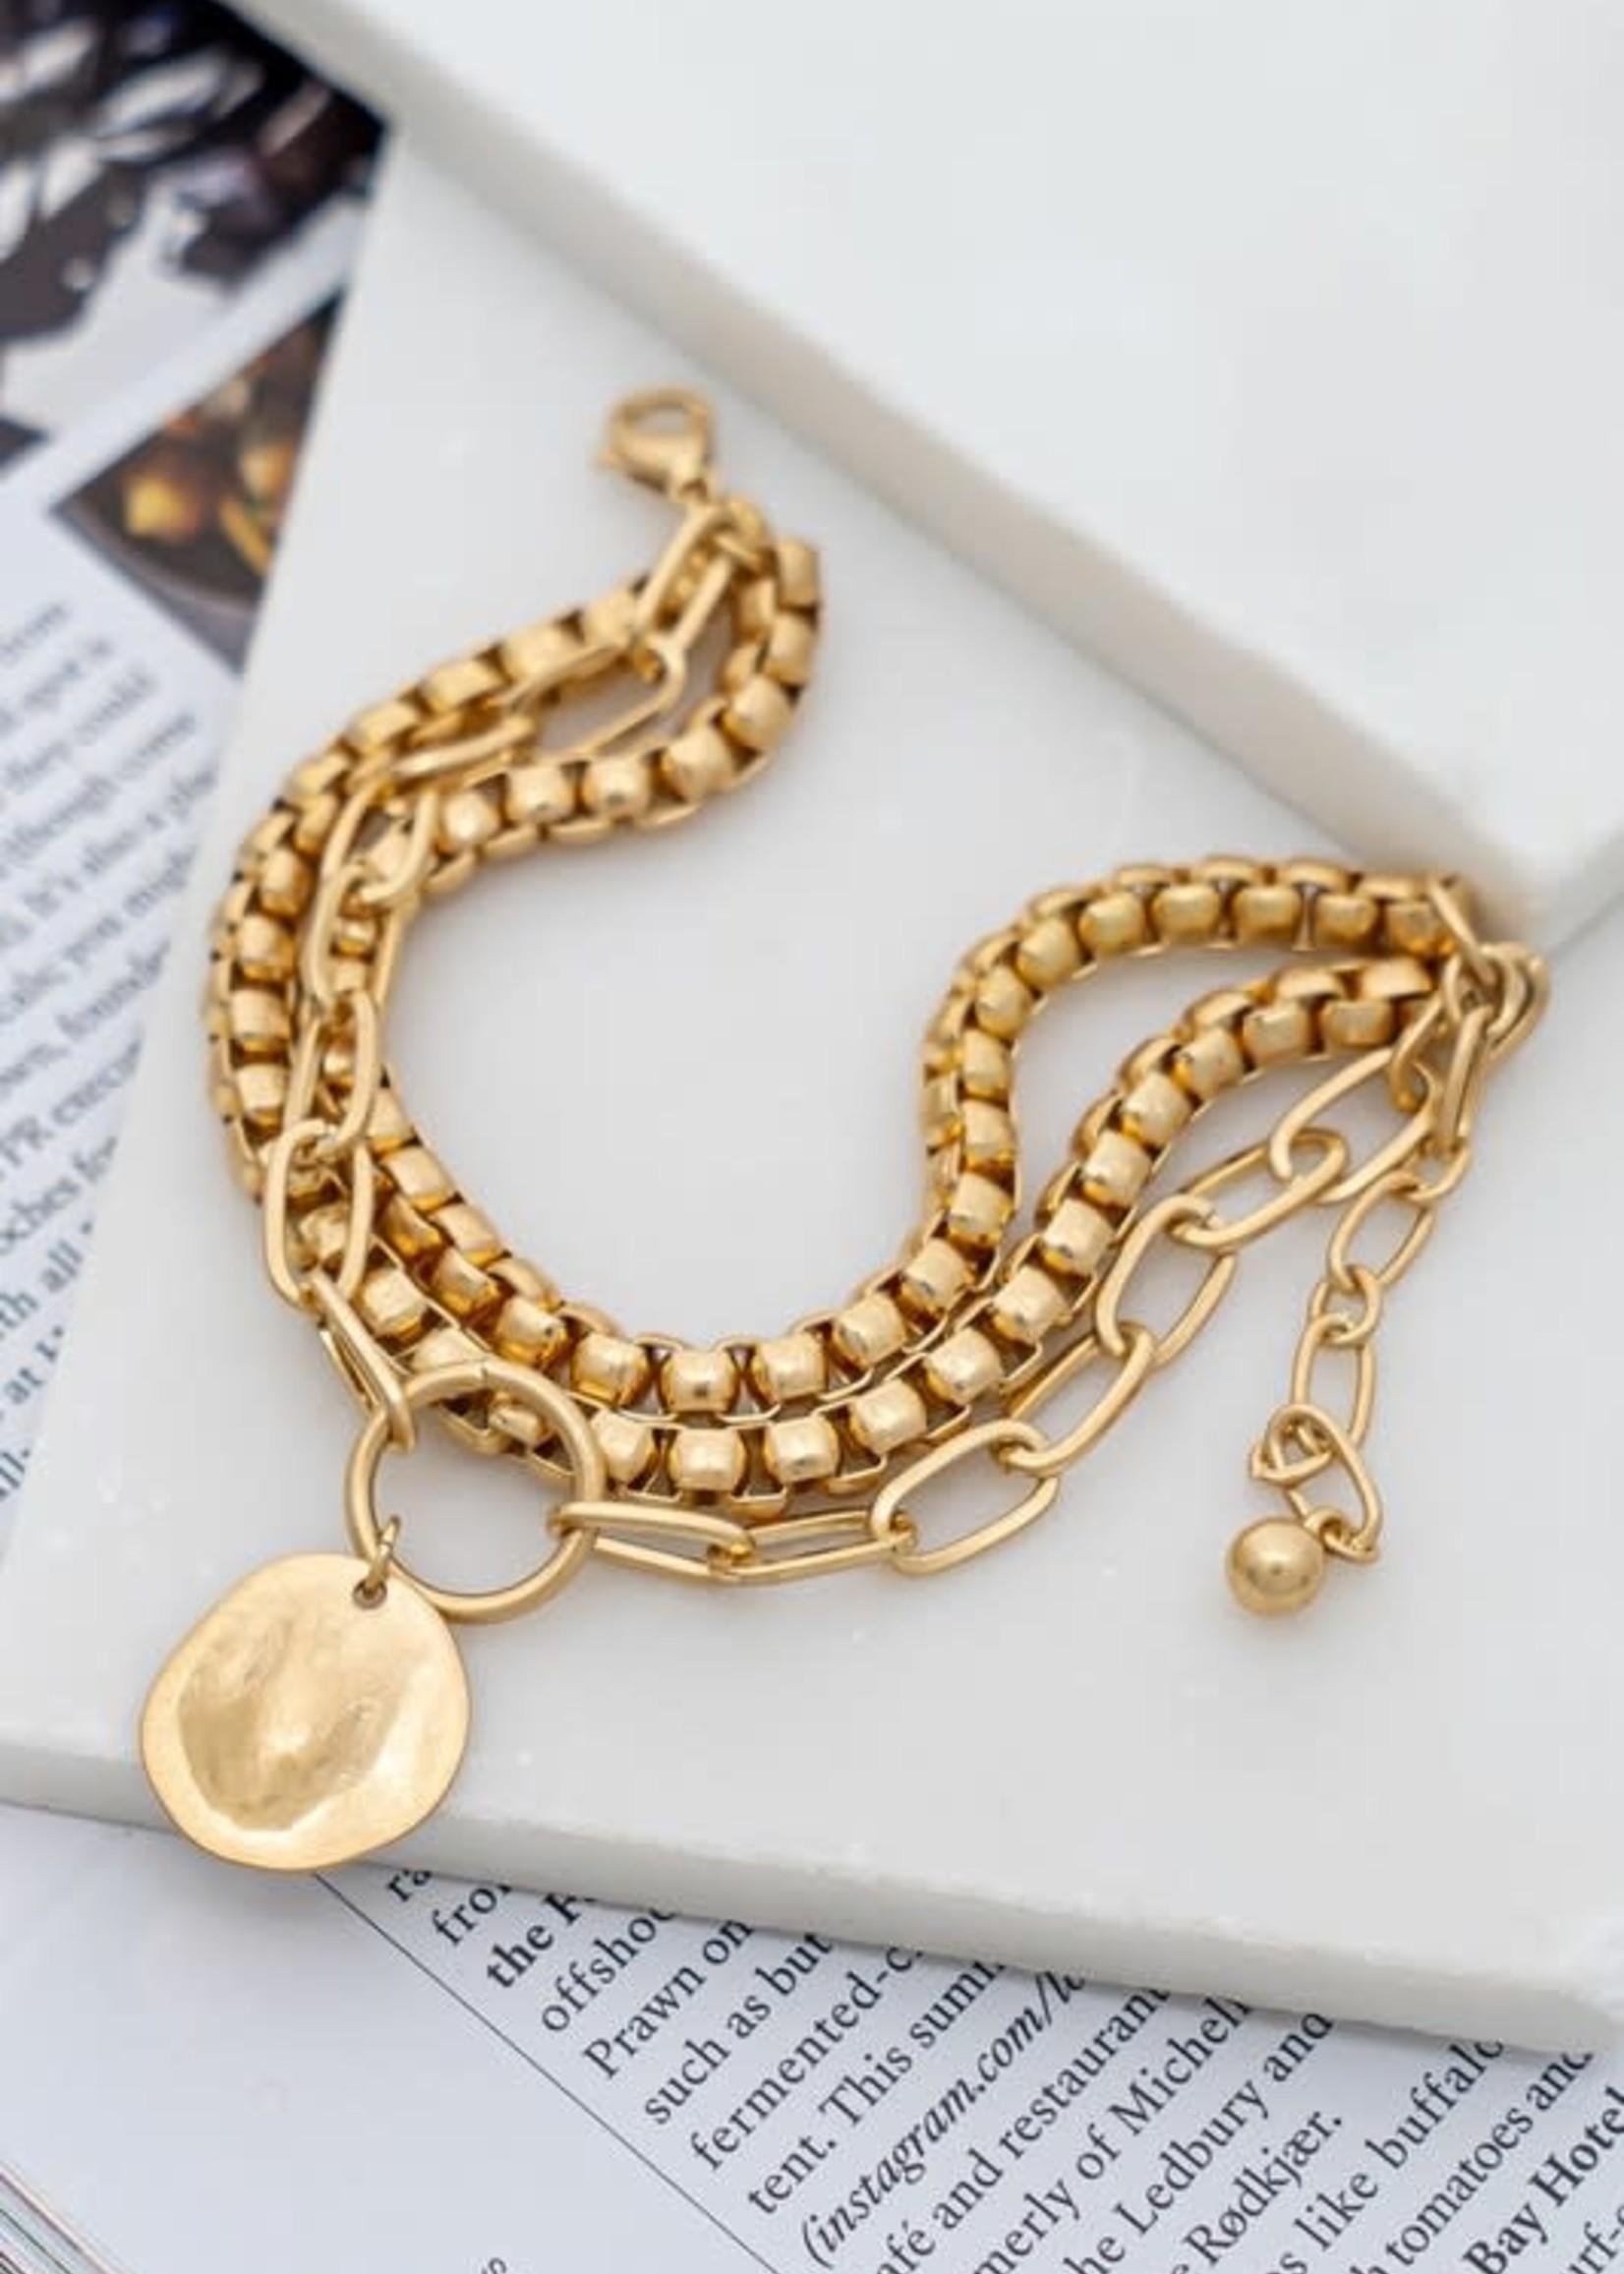 LA 3 Accessories Chunky Chain Bracelet Set